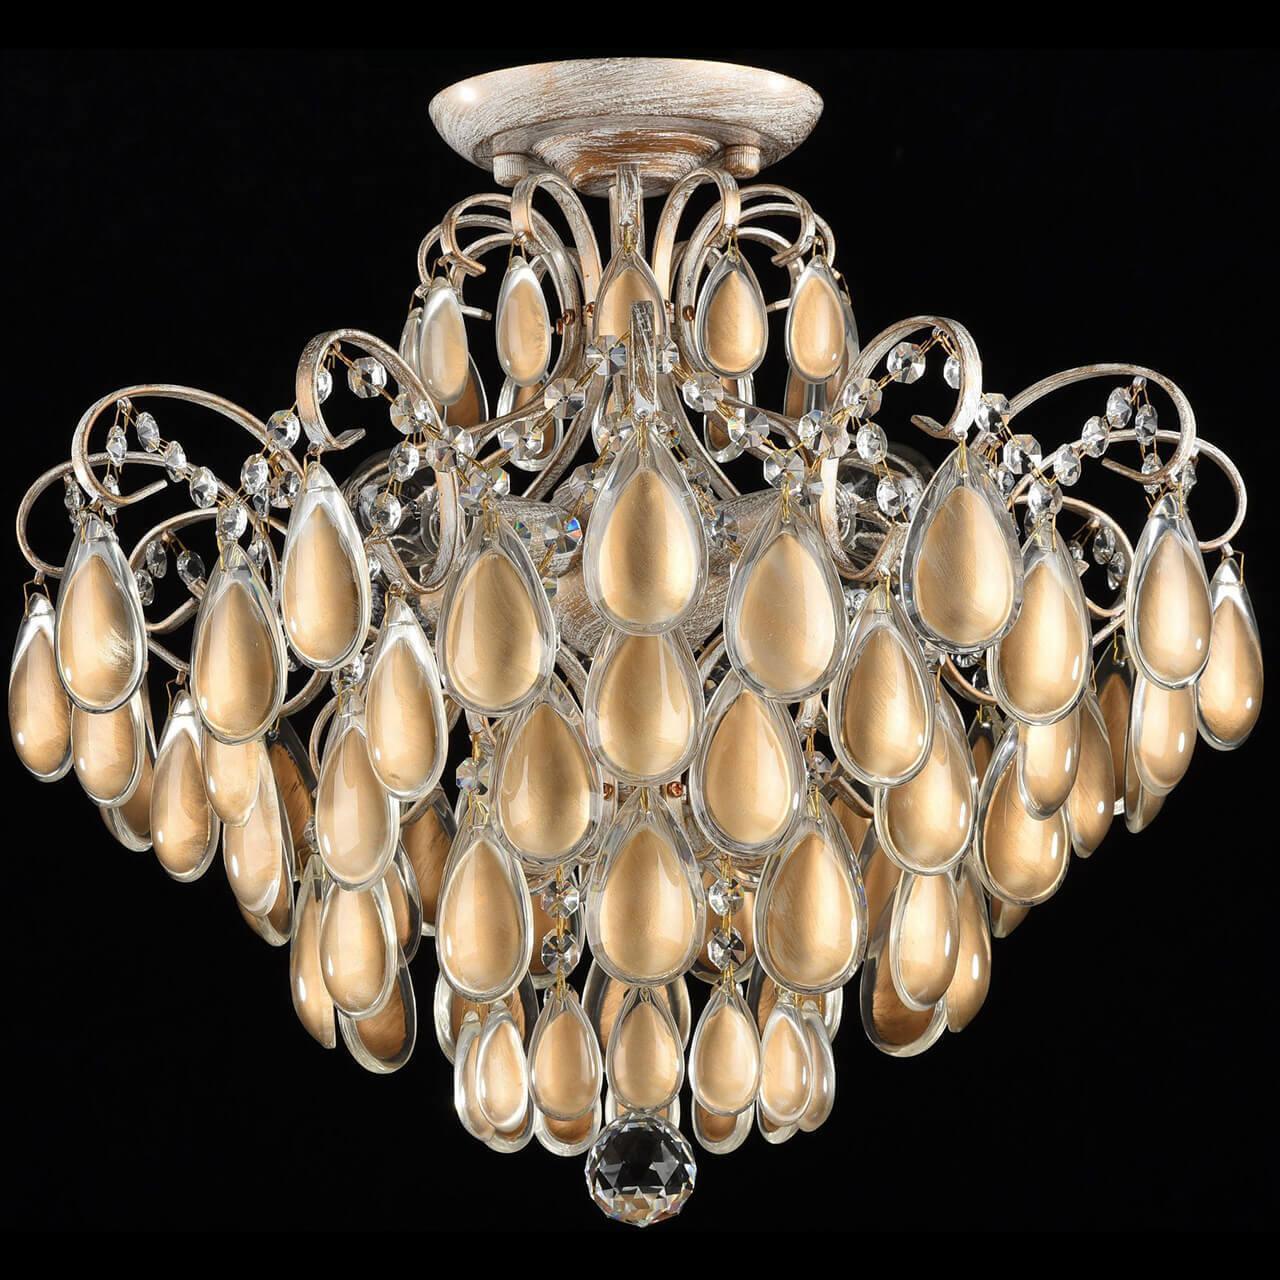 Потолочный светильник Freya FR2302-CL-04-WG, E14, 40 Вт потолочная люстра freya fr2302 cl 04 wg